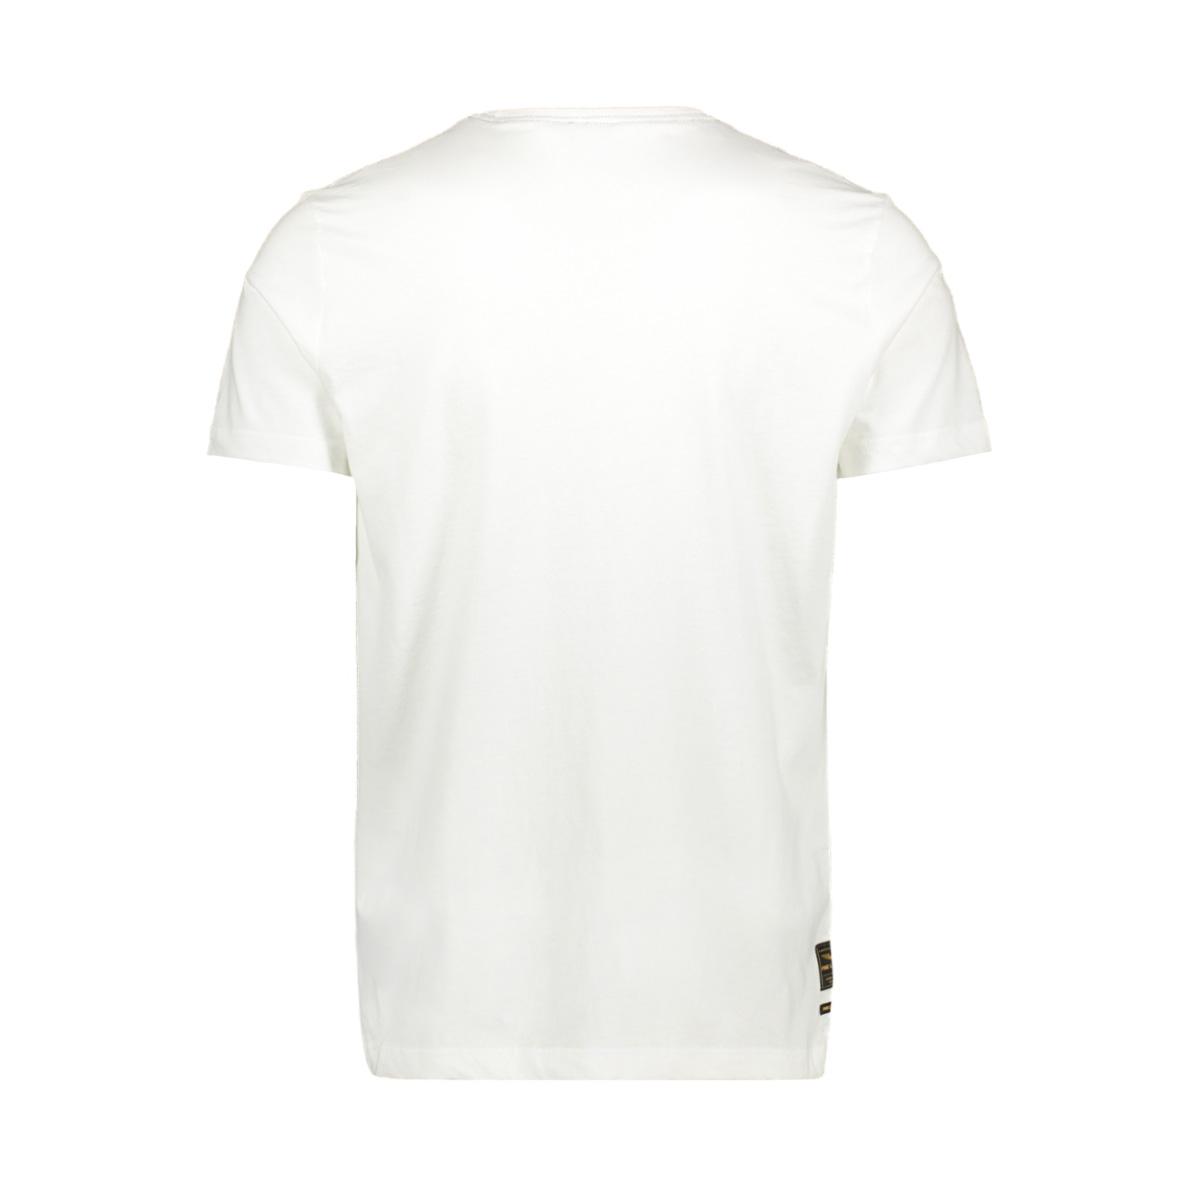 single jersey artwork t shirt ptss202565 pme legend t-shirt 7003